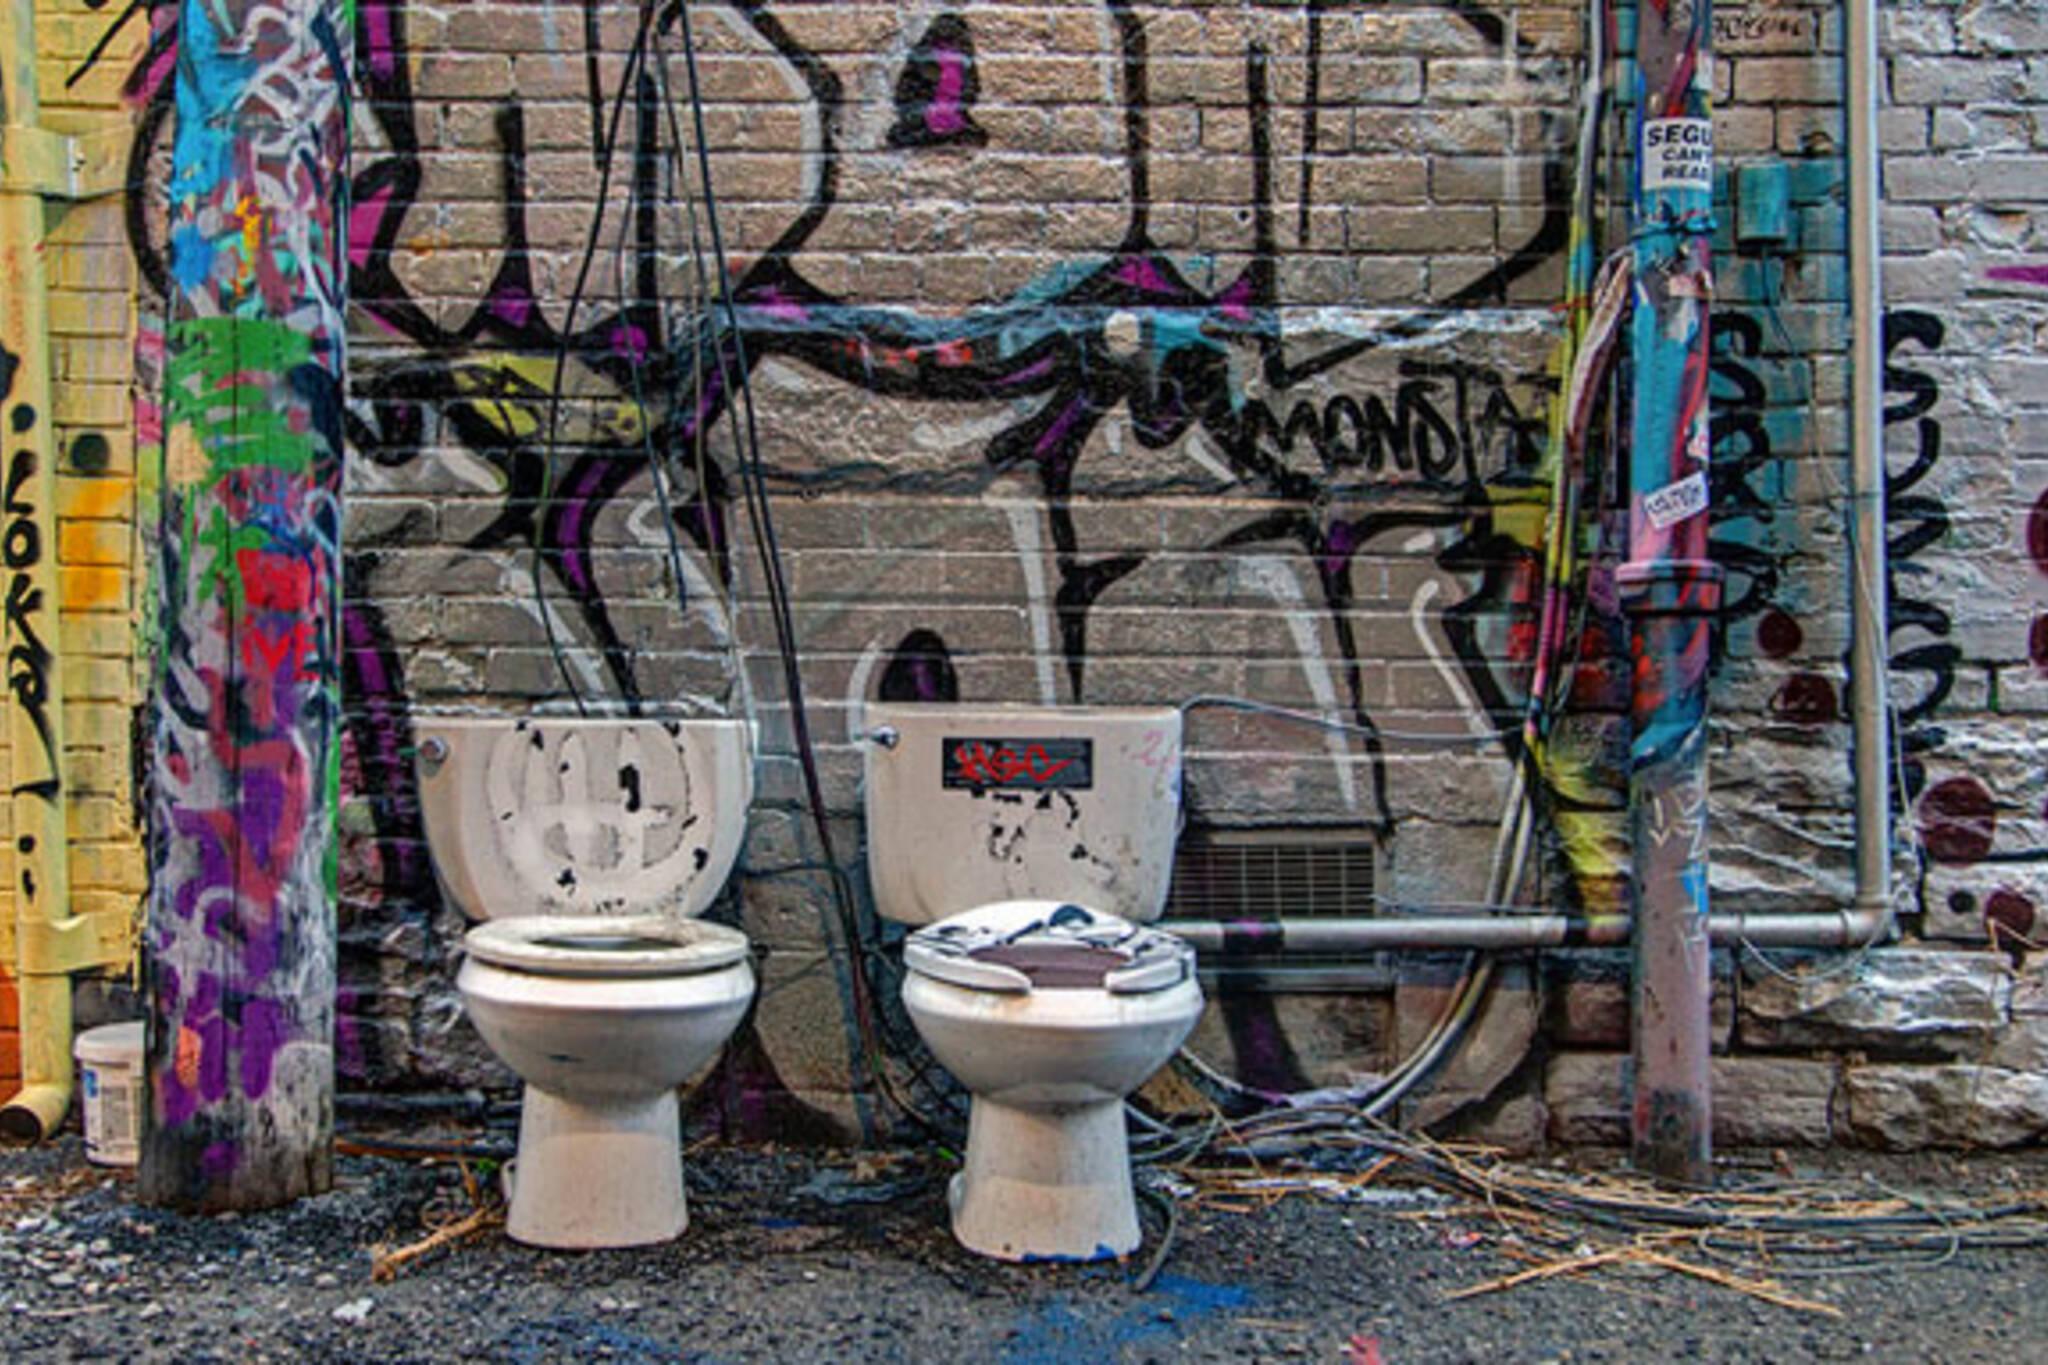 toronto toilets